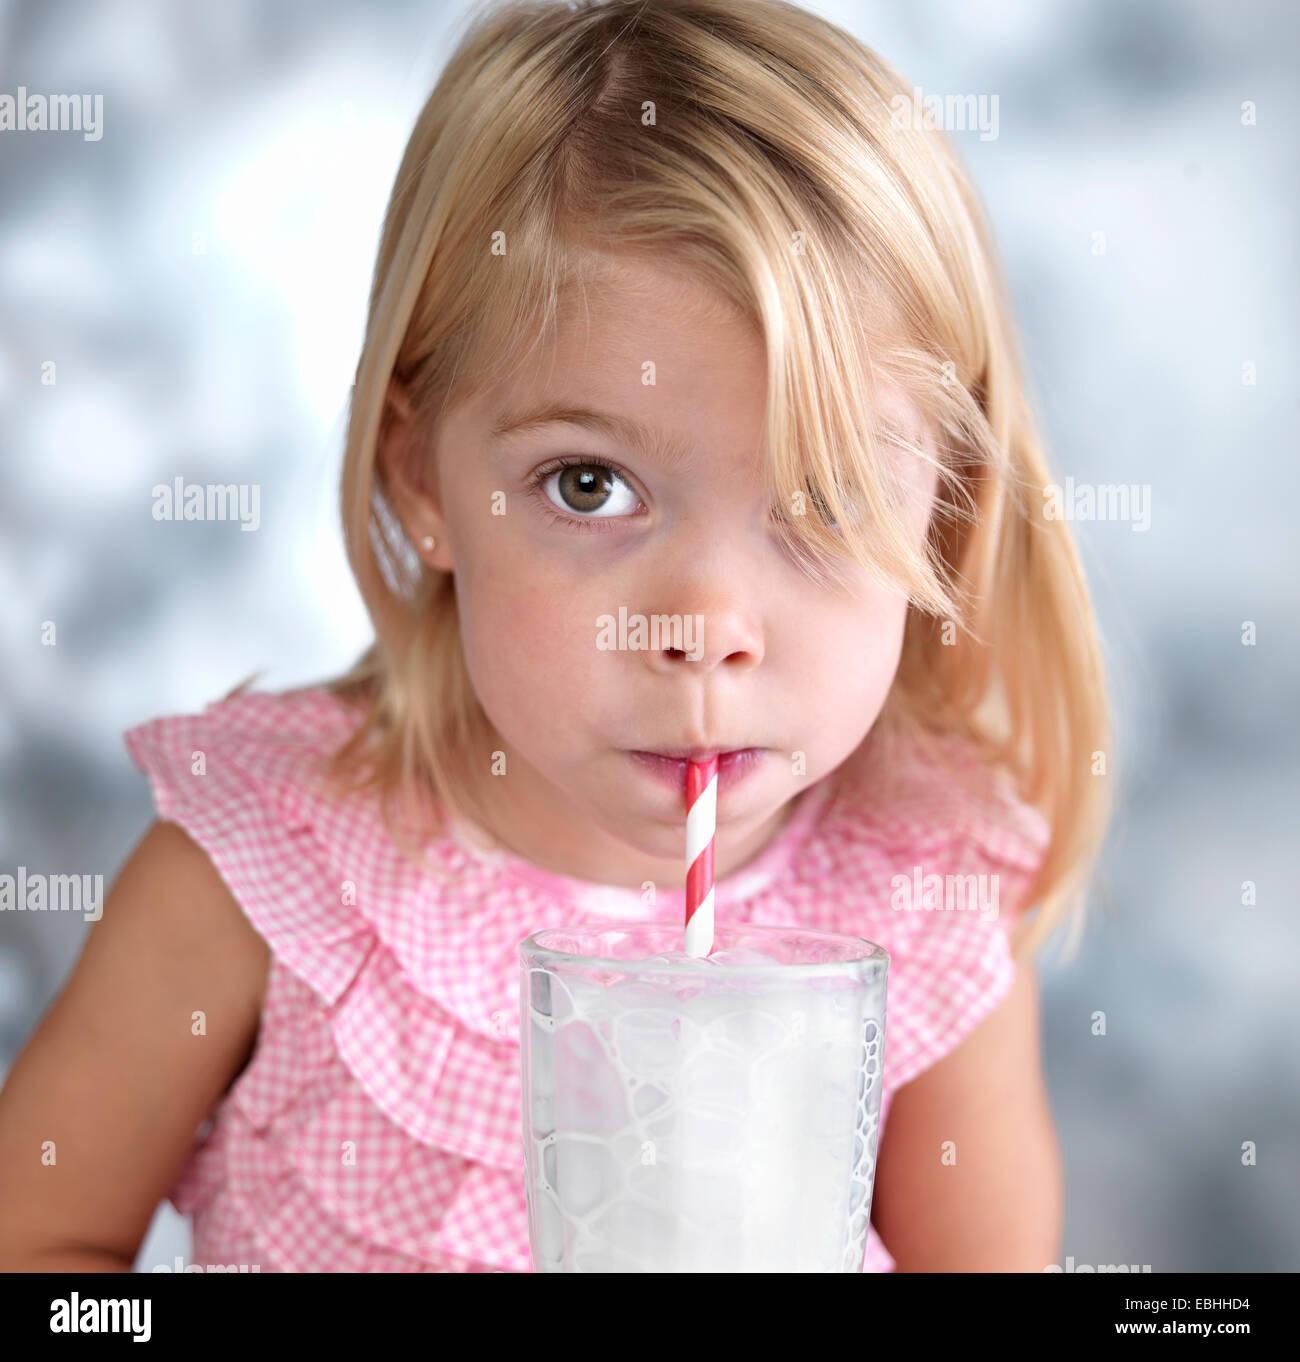 Retrato de mujer niño soplando burbujas en la leche a través de paja para beber Imagen De Stock